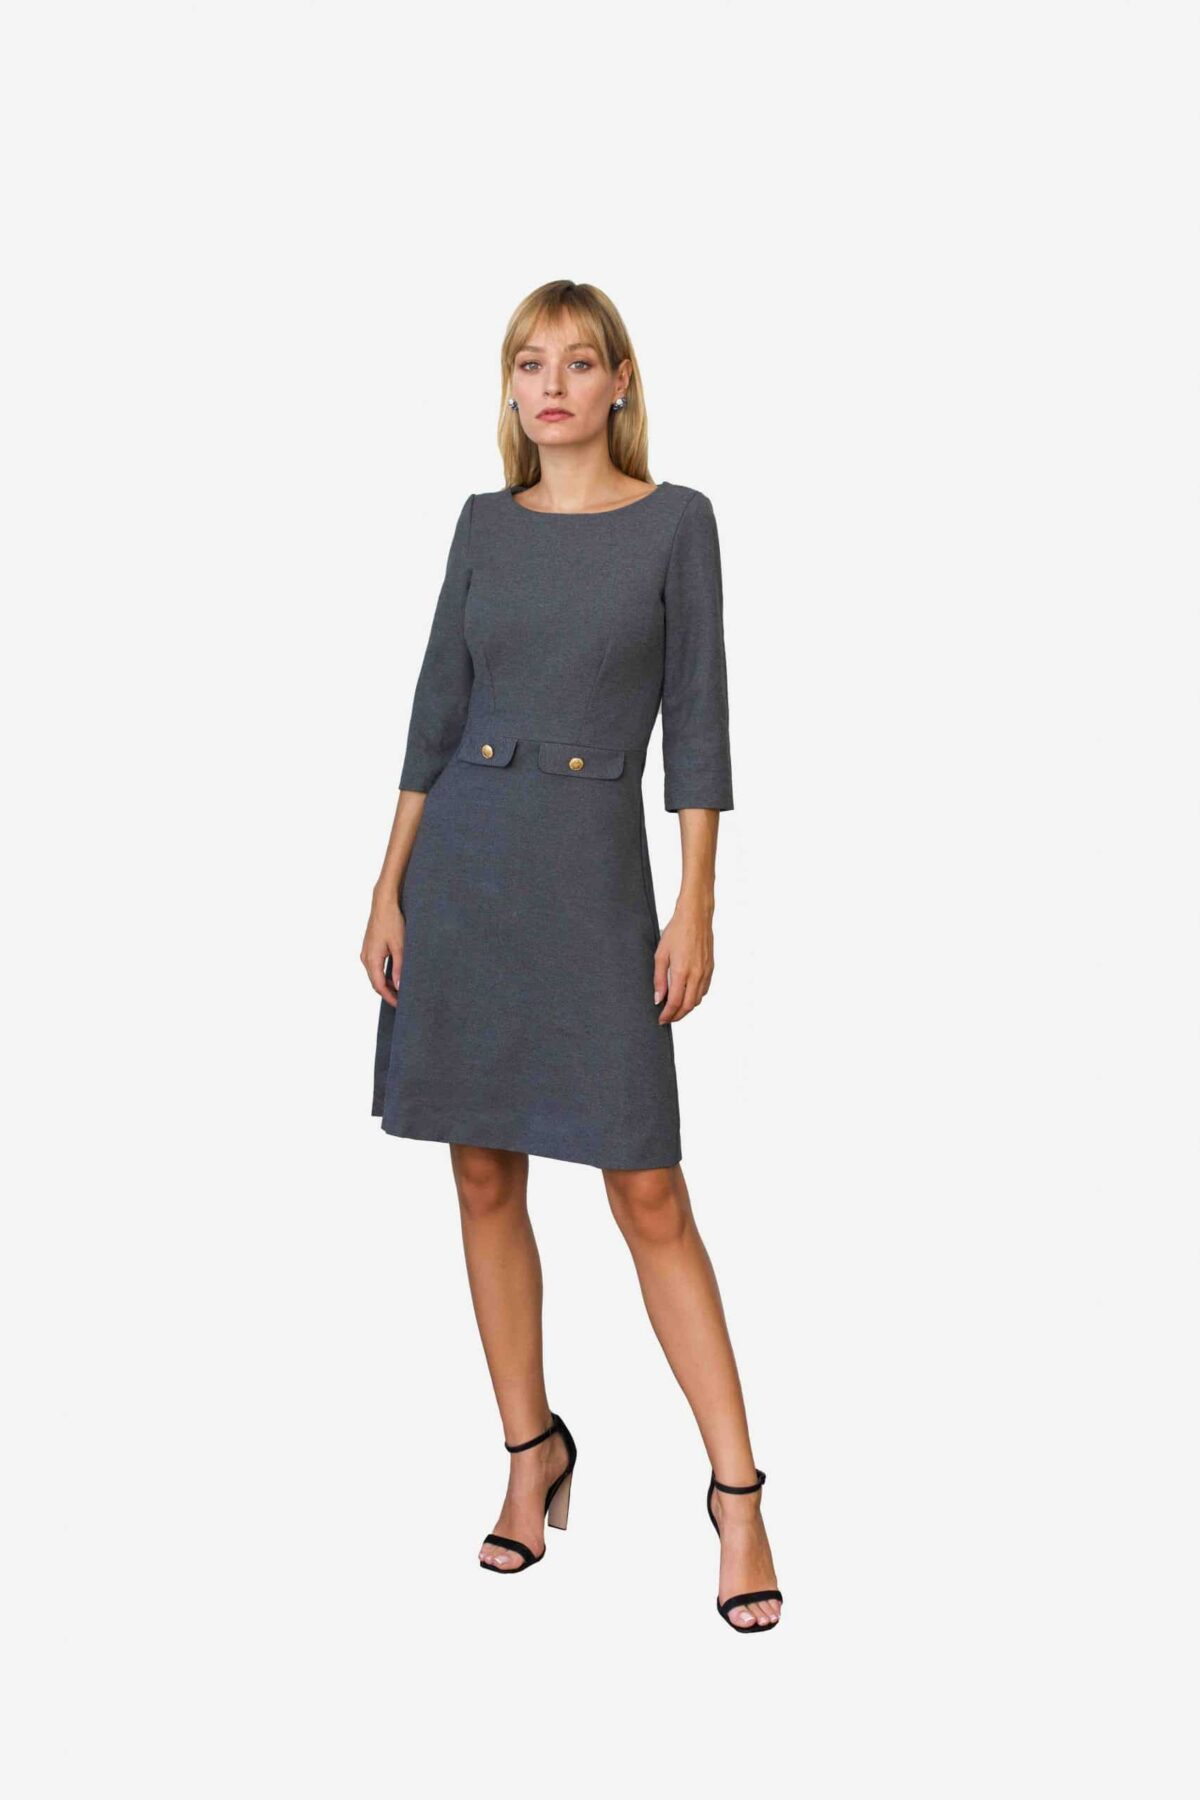 Kleid Alison von SANOGE by Snordtmade. Mit dekorativen Patten in schmaler Passform.